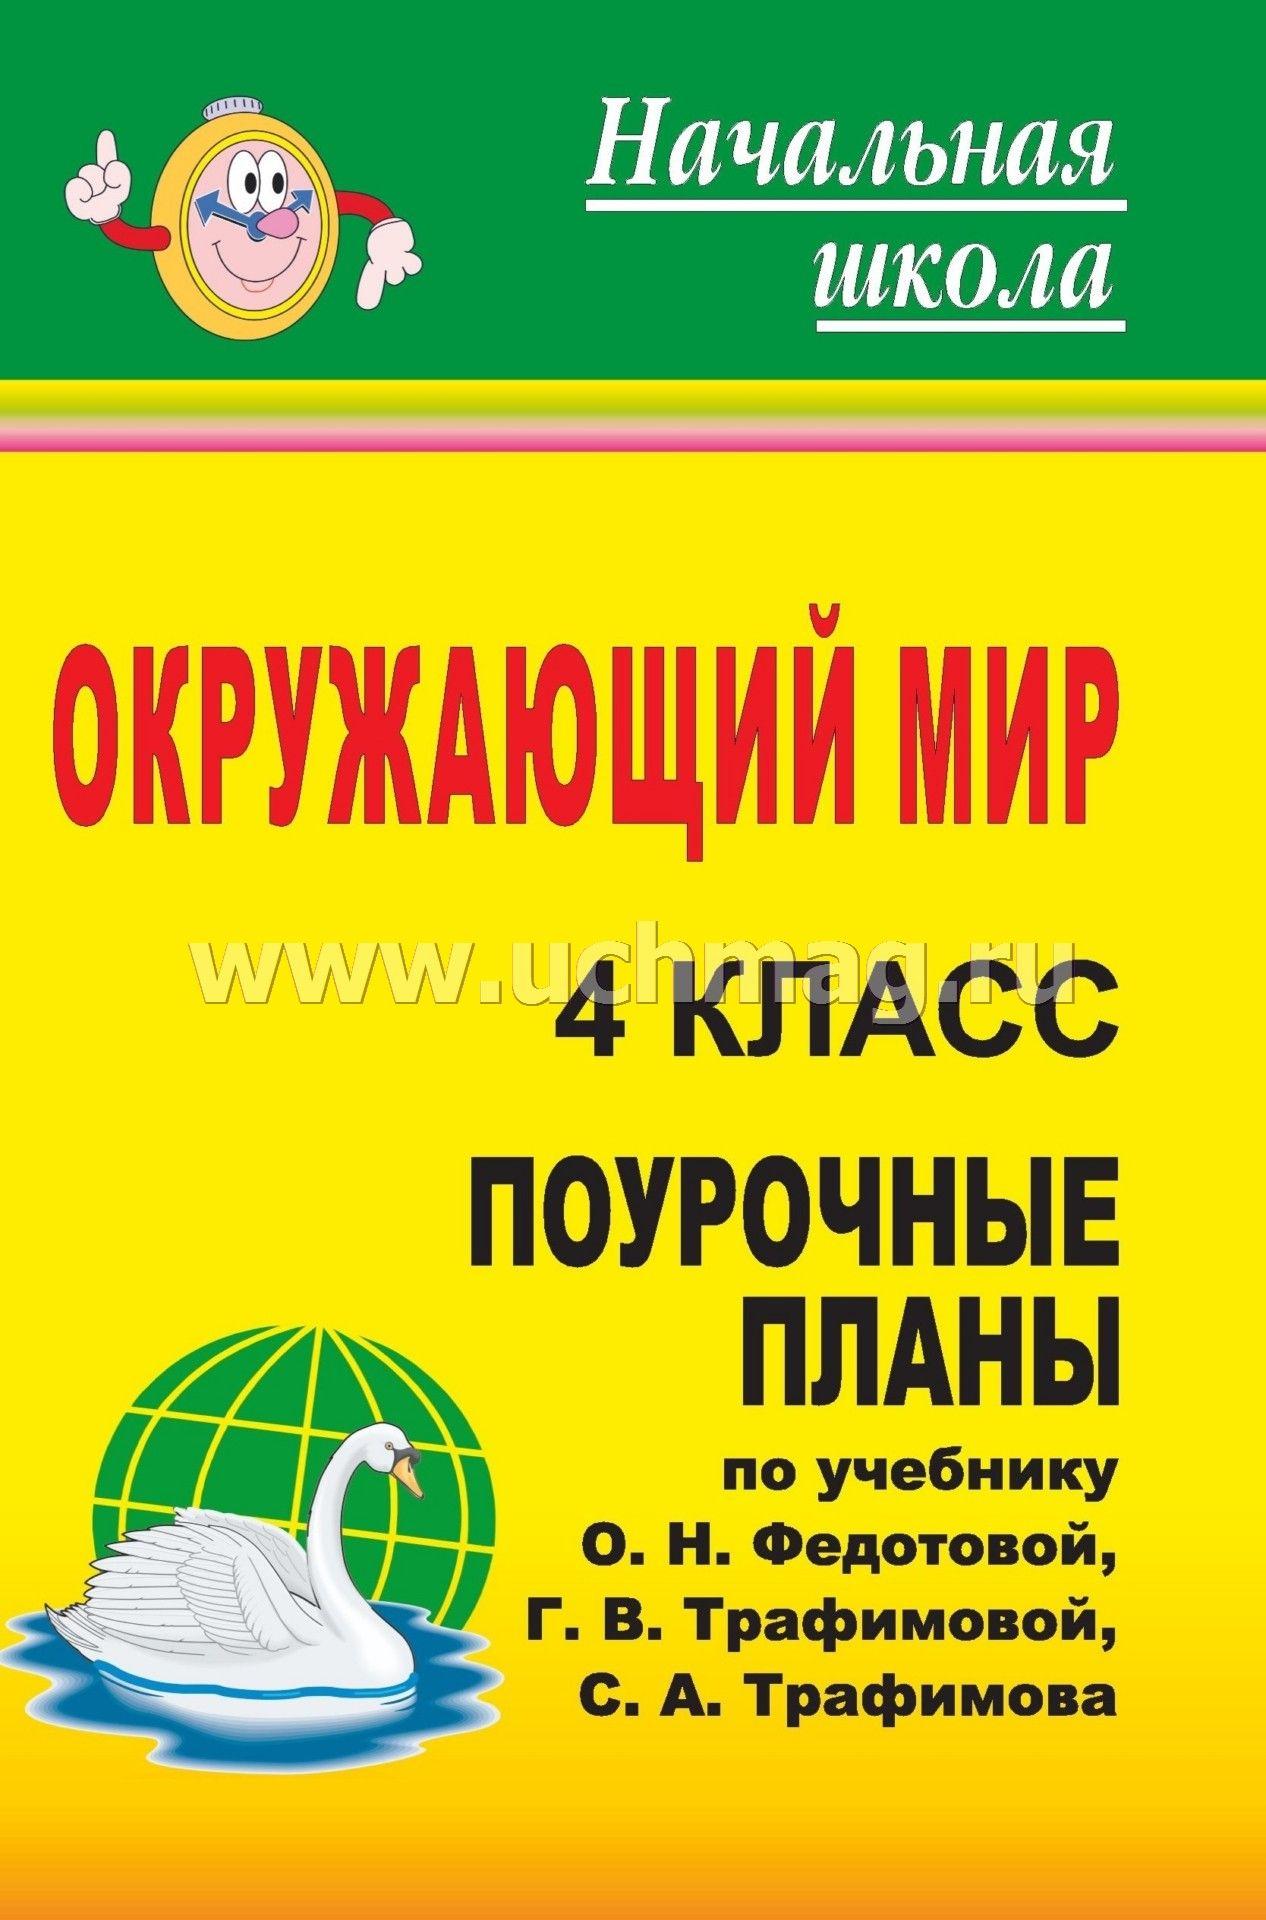 Поурочные разработки для 1 класса по пнш скачать бесплатно по обучению грамоте чтение виза в словакию документы минск